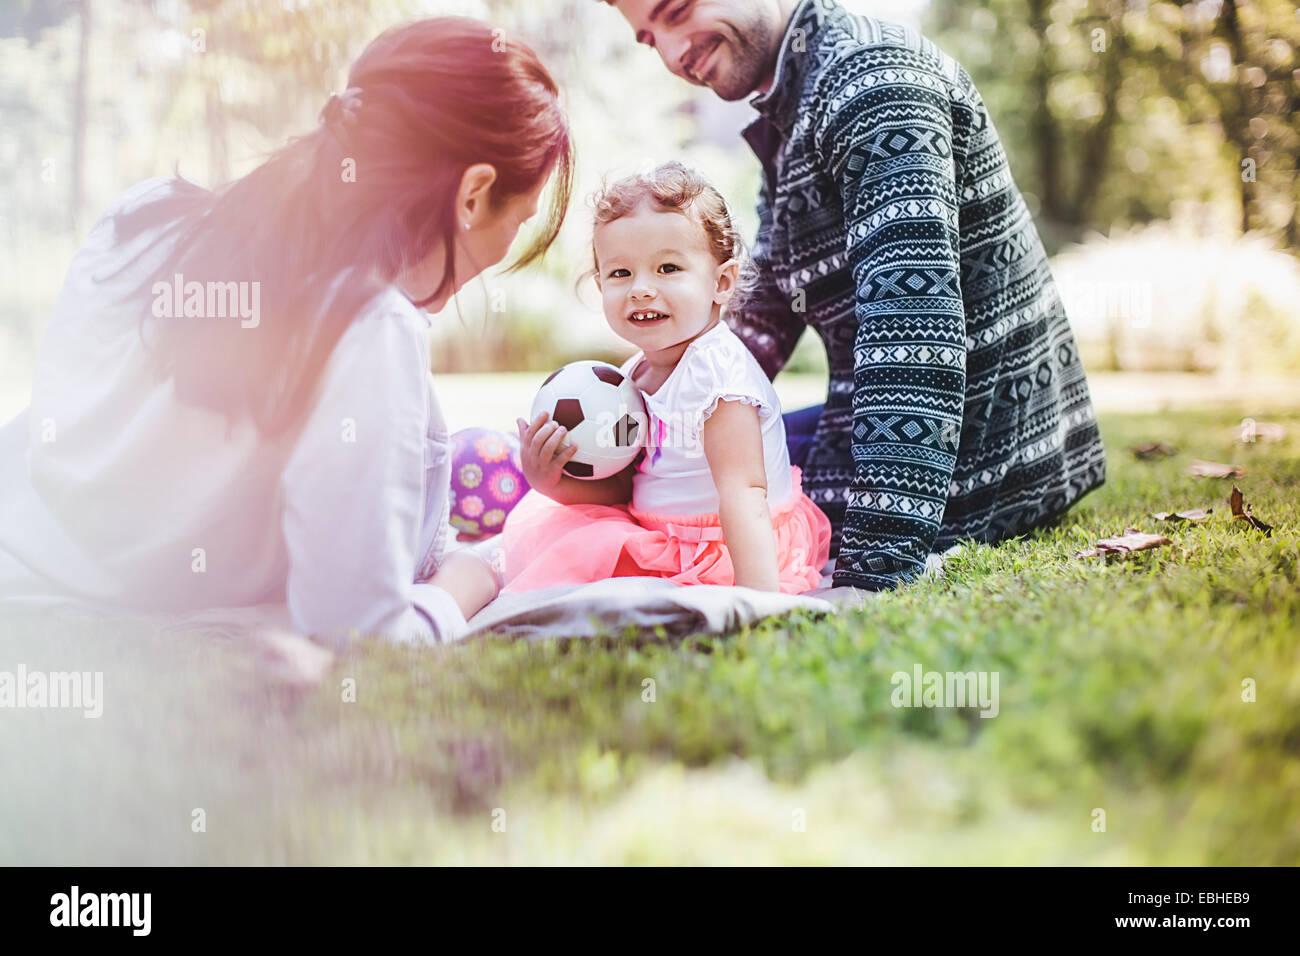 Eltern und Tochter spielen im Garten Stockbild